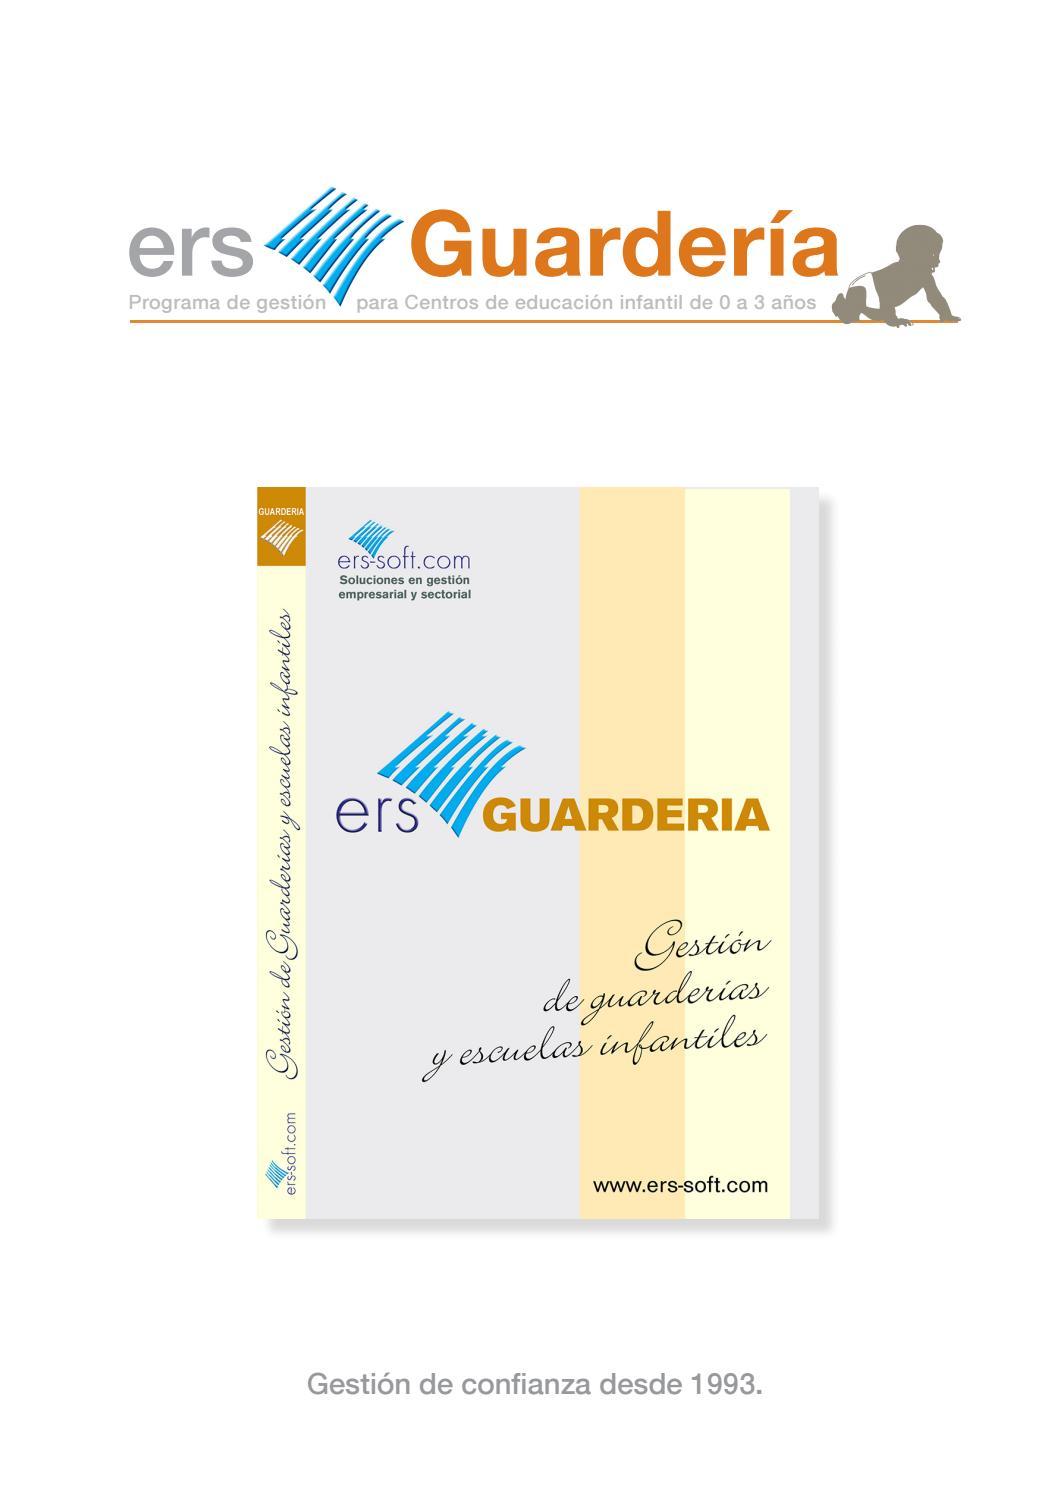 Presentación Ers Guardería 2018 by ersguarderia - issuu